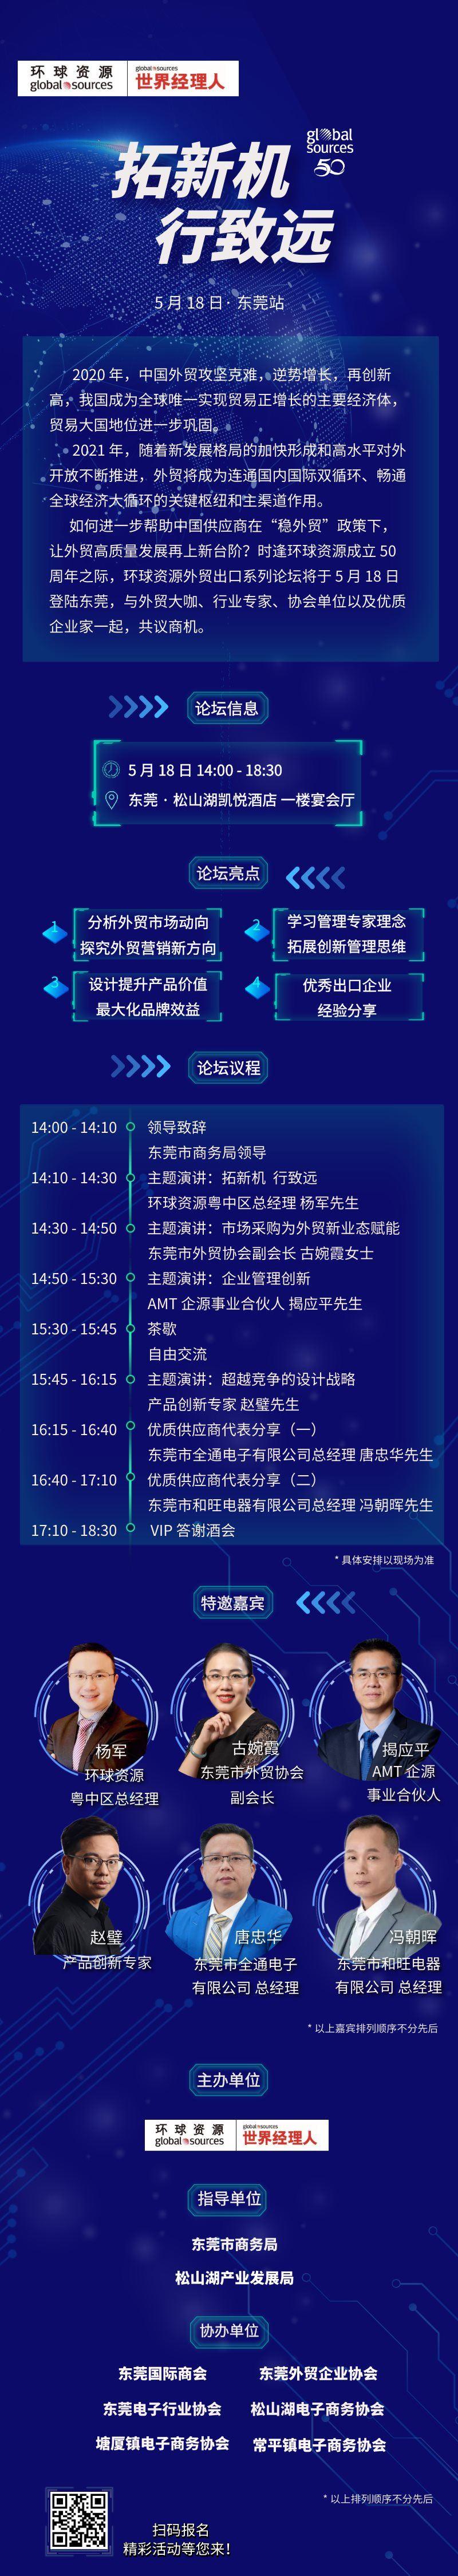 邀请函-5月18日东莞论坛.png